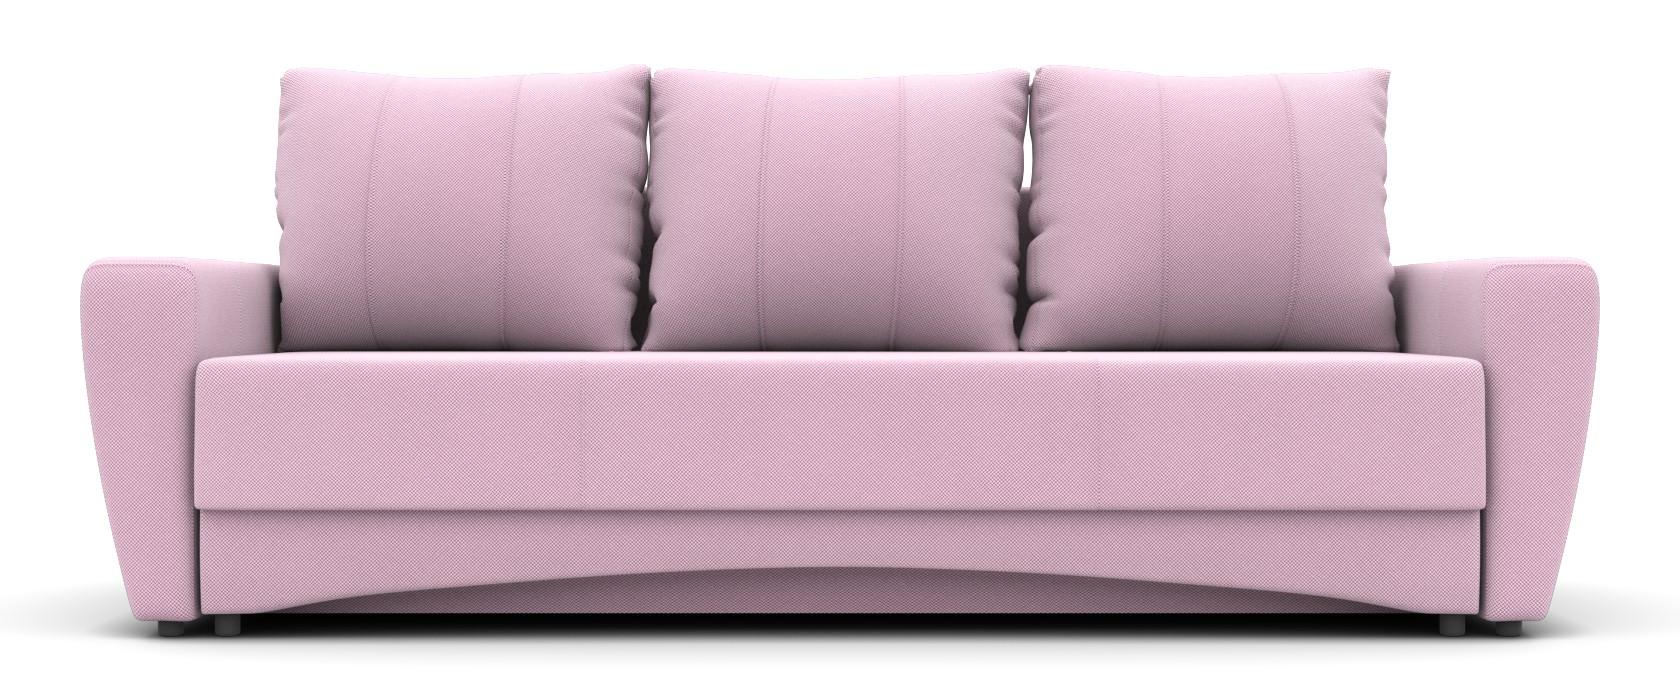 Трехместный диван Andrea